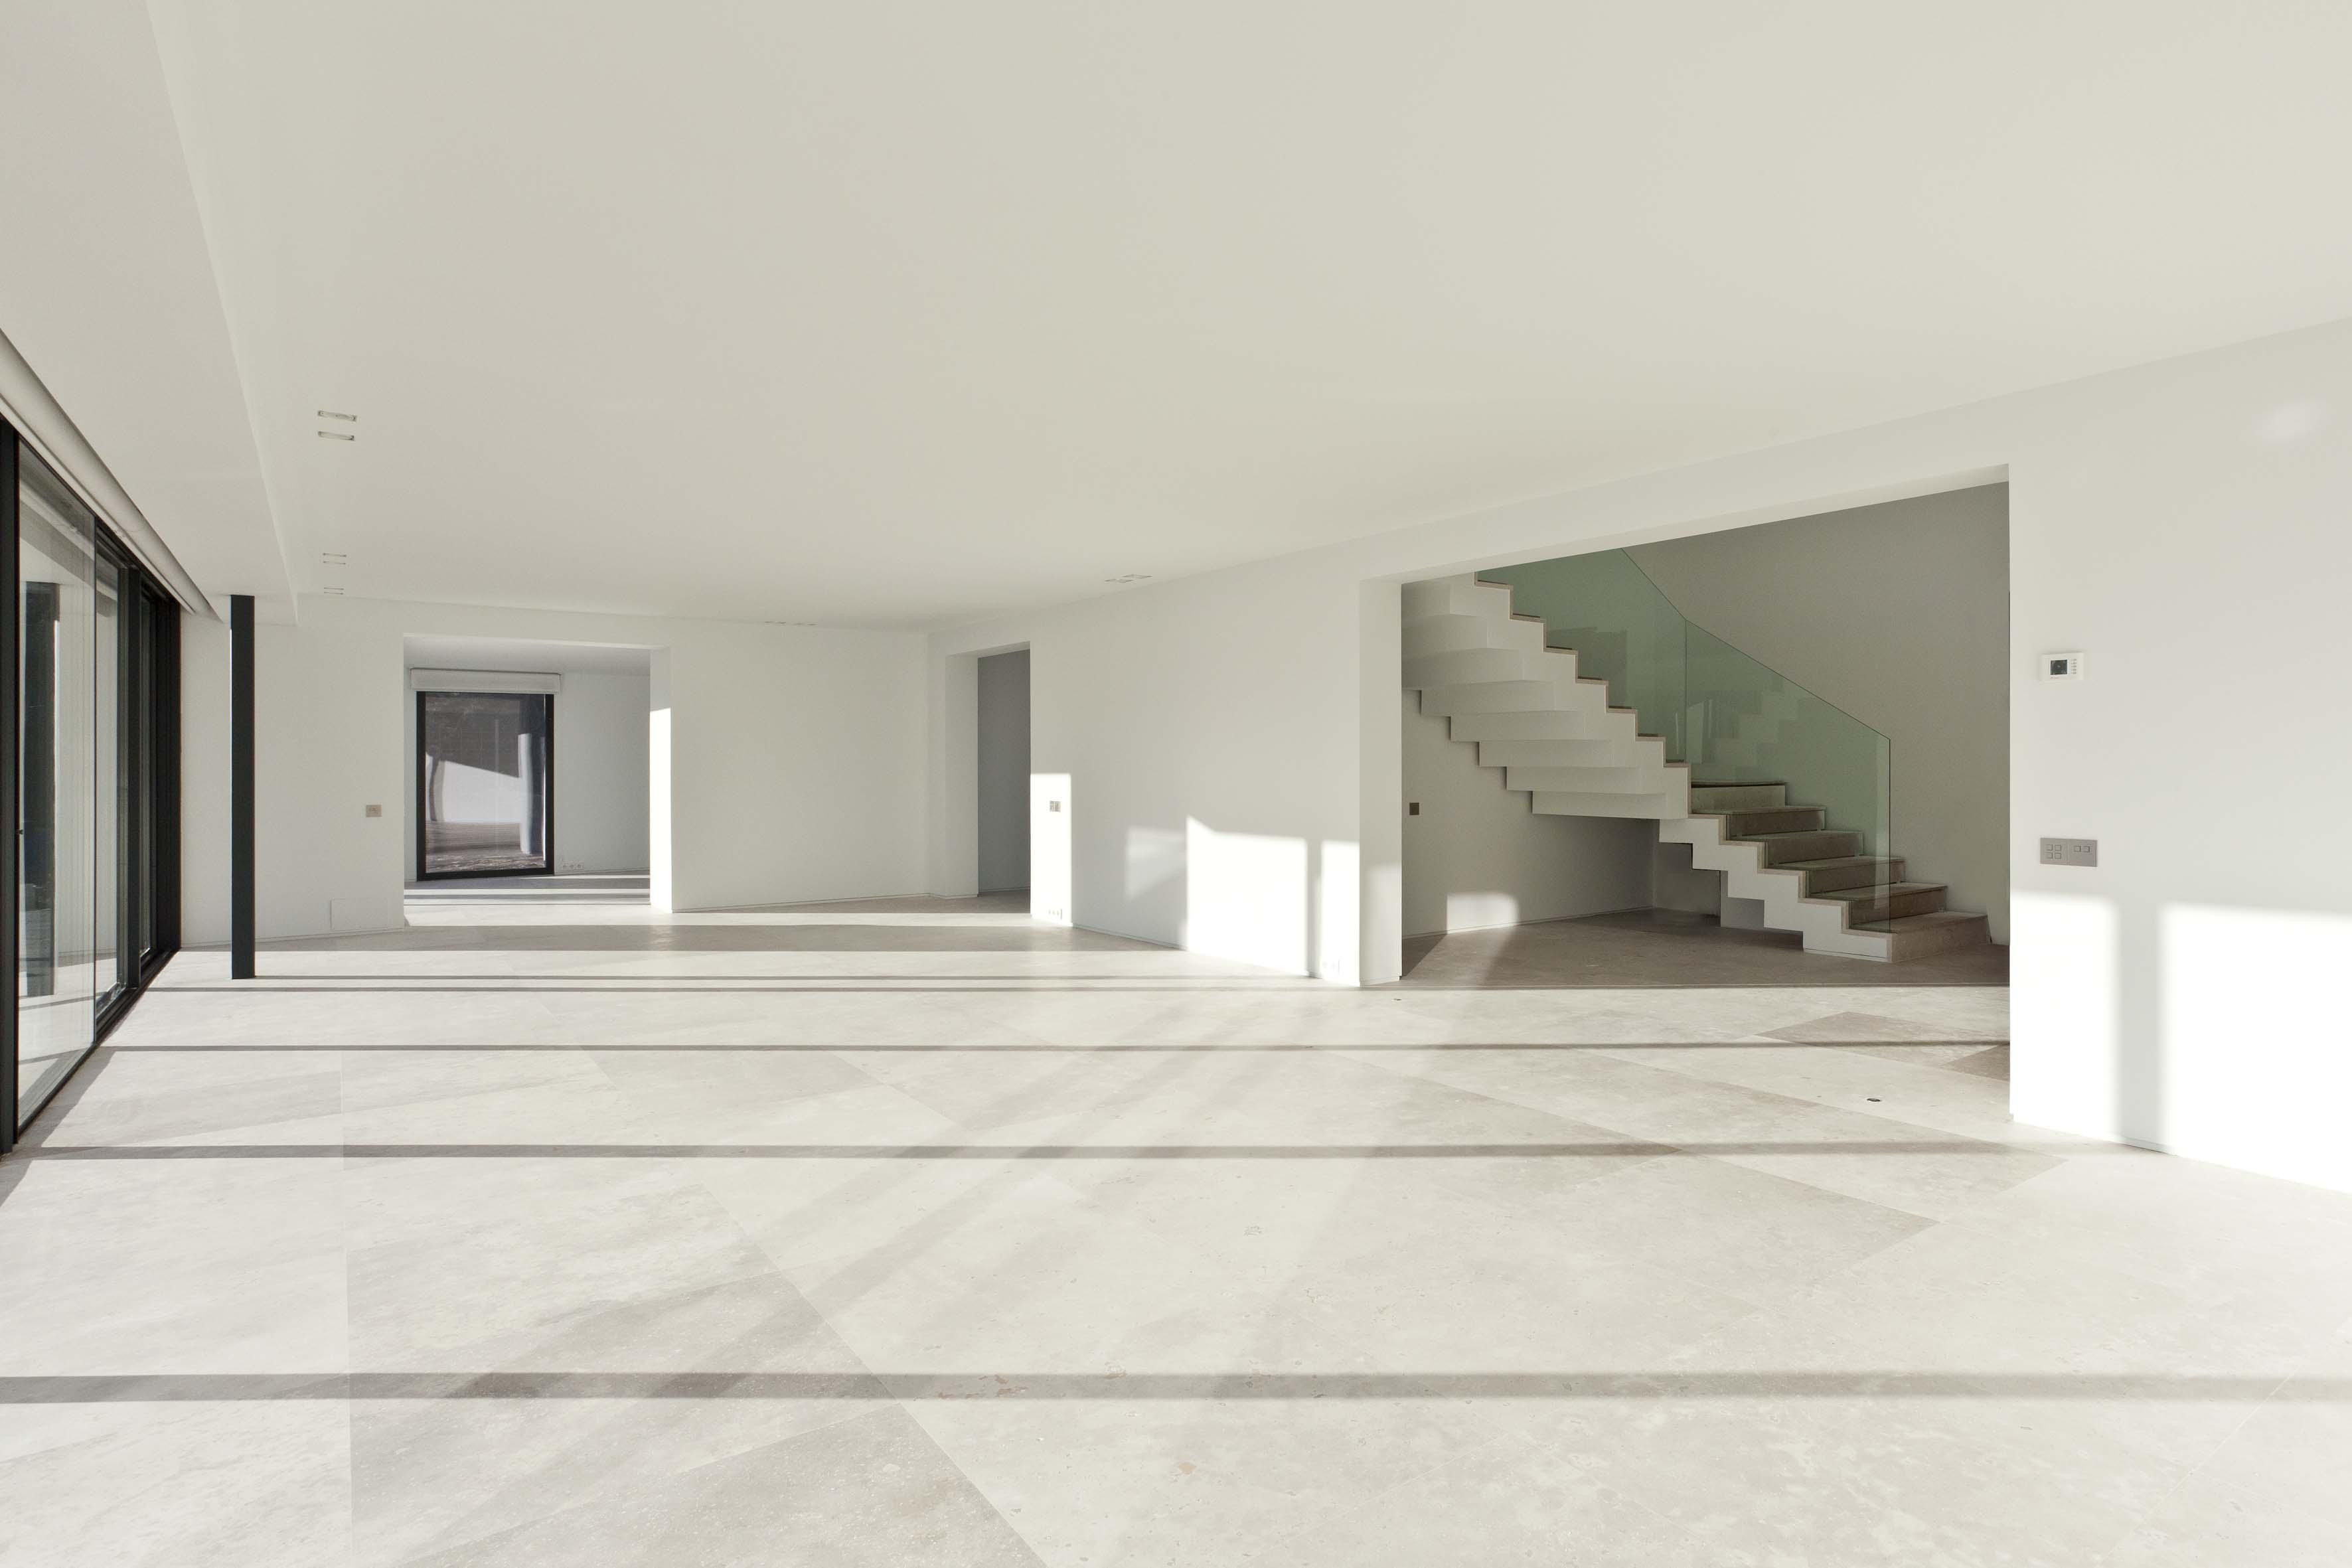 espacio interior sin amueblar